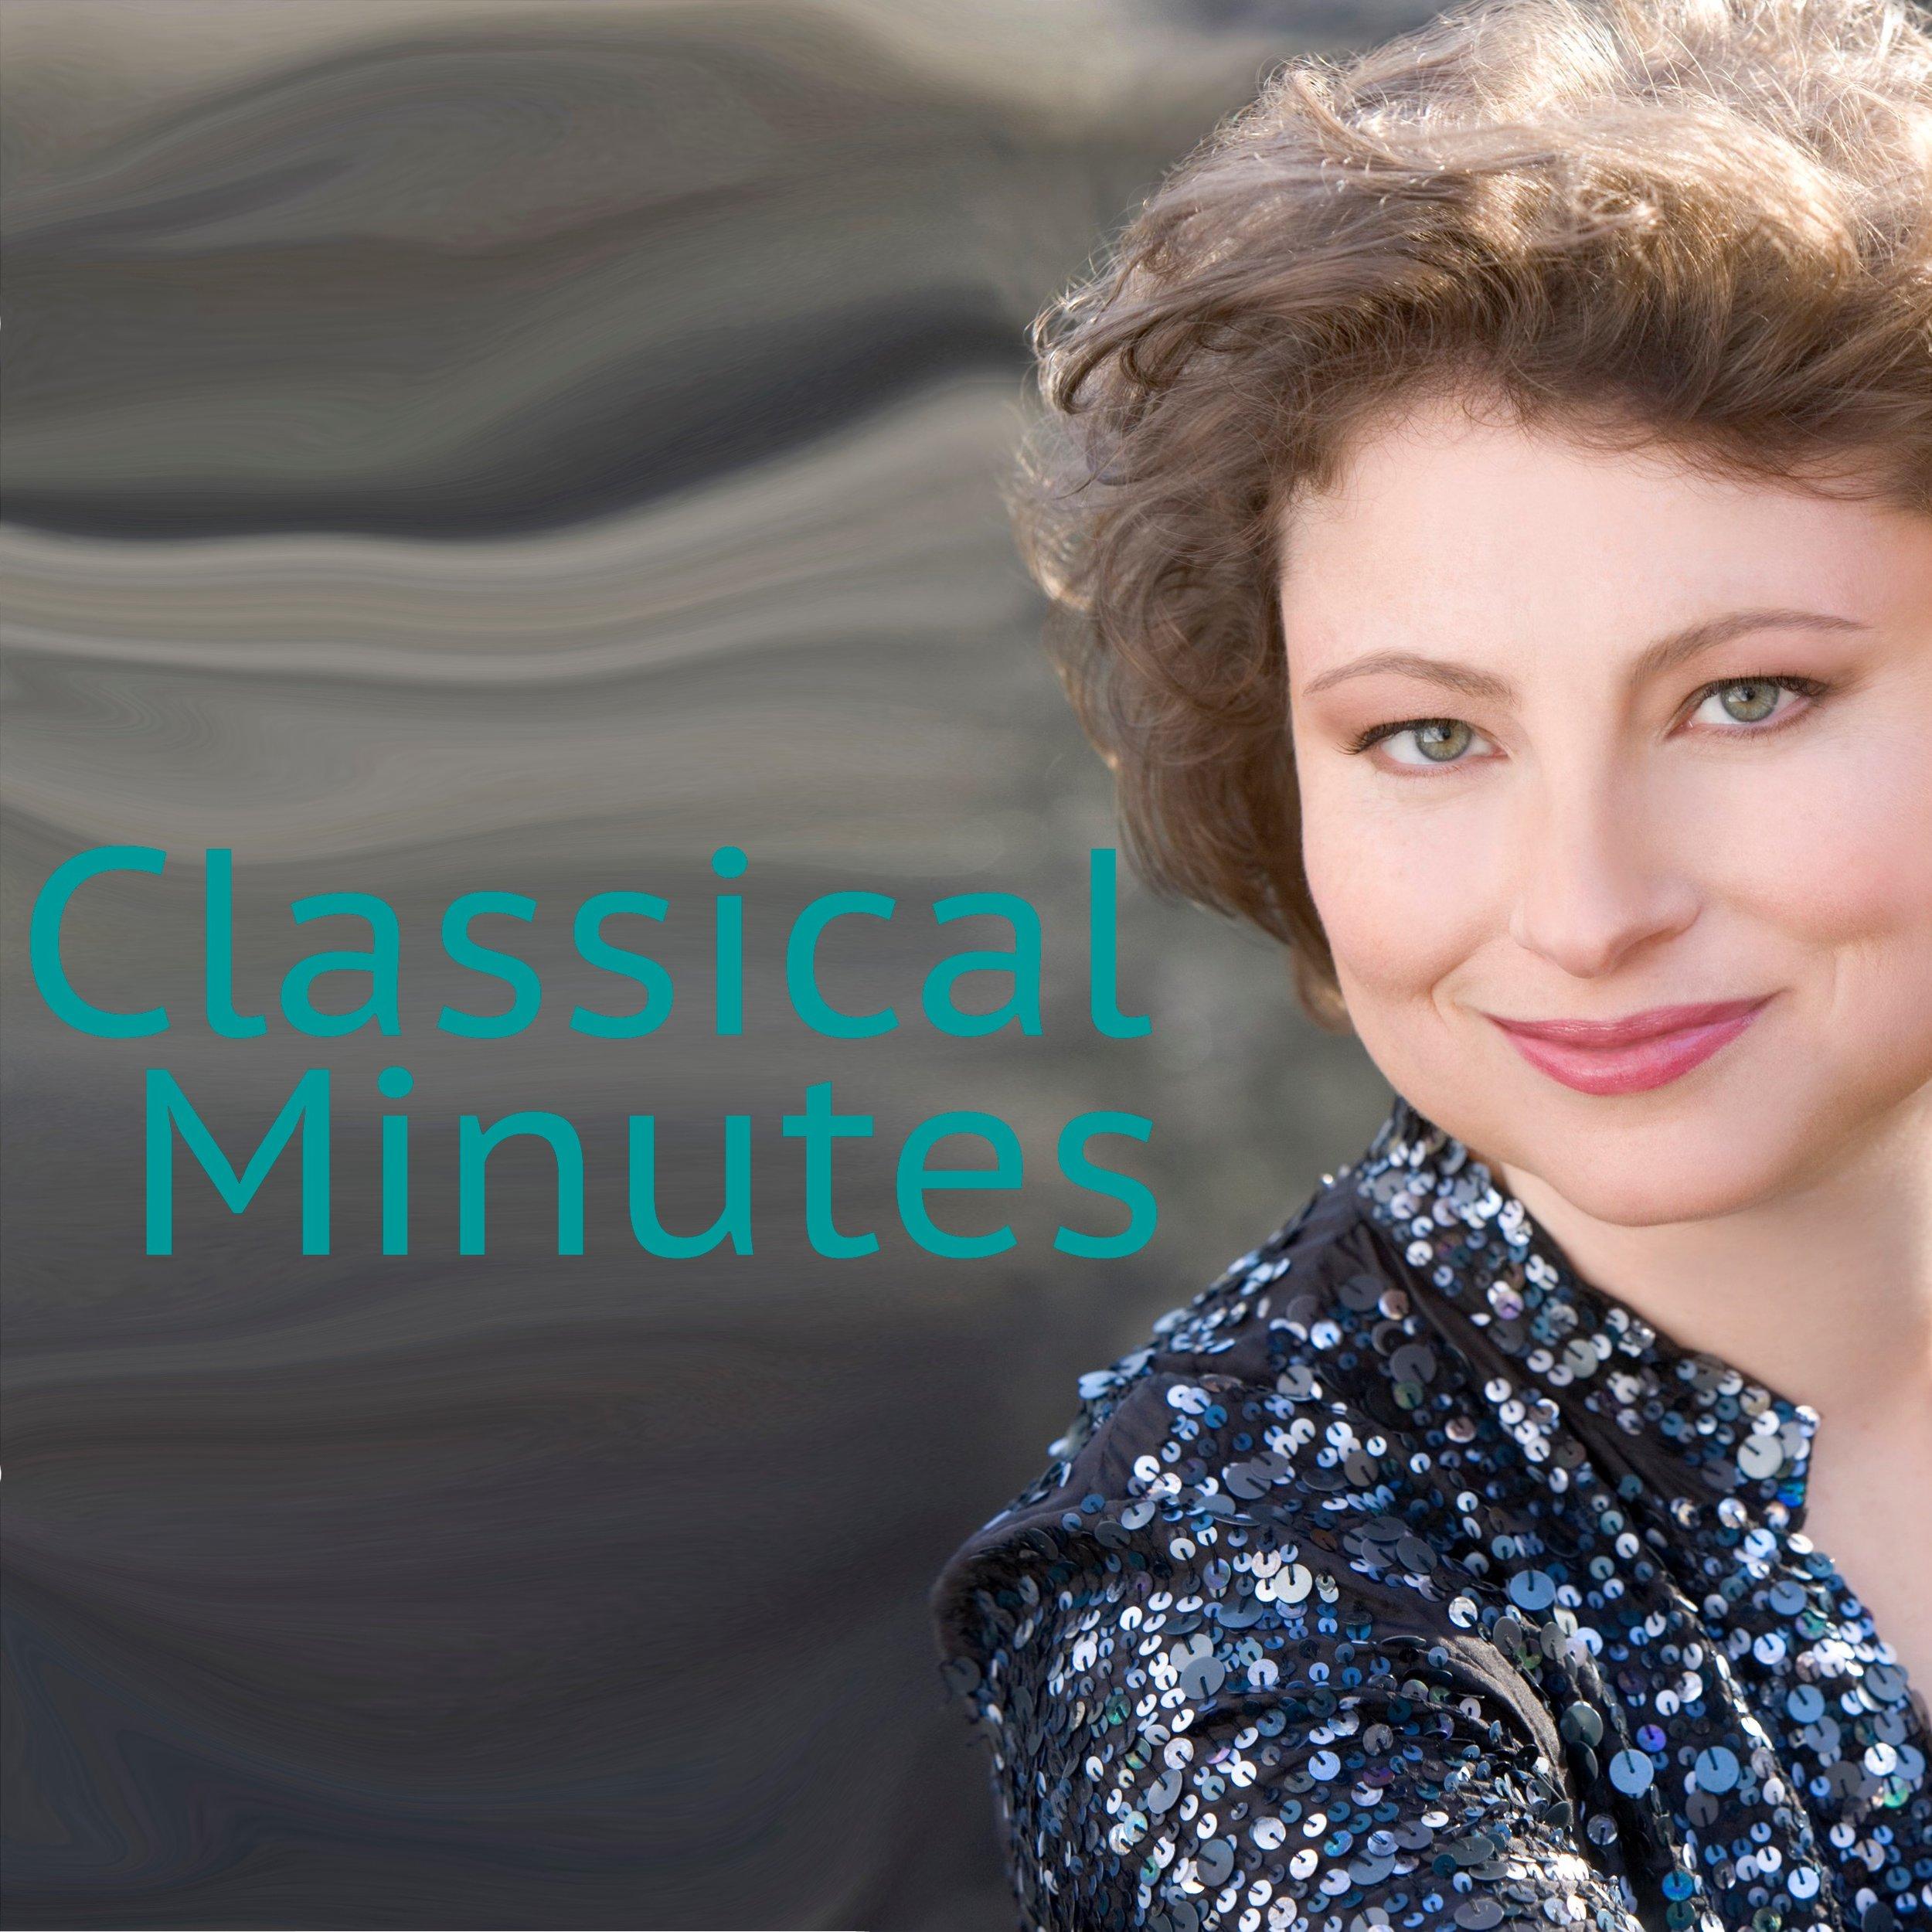 ClassicalMinutesArtwork13.jpg